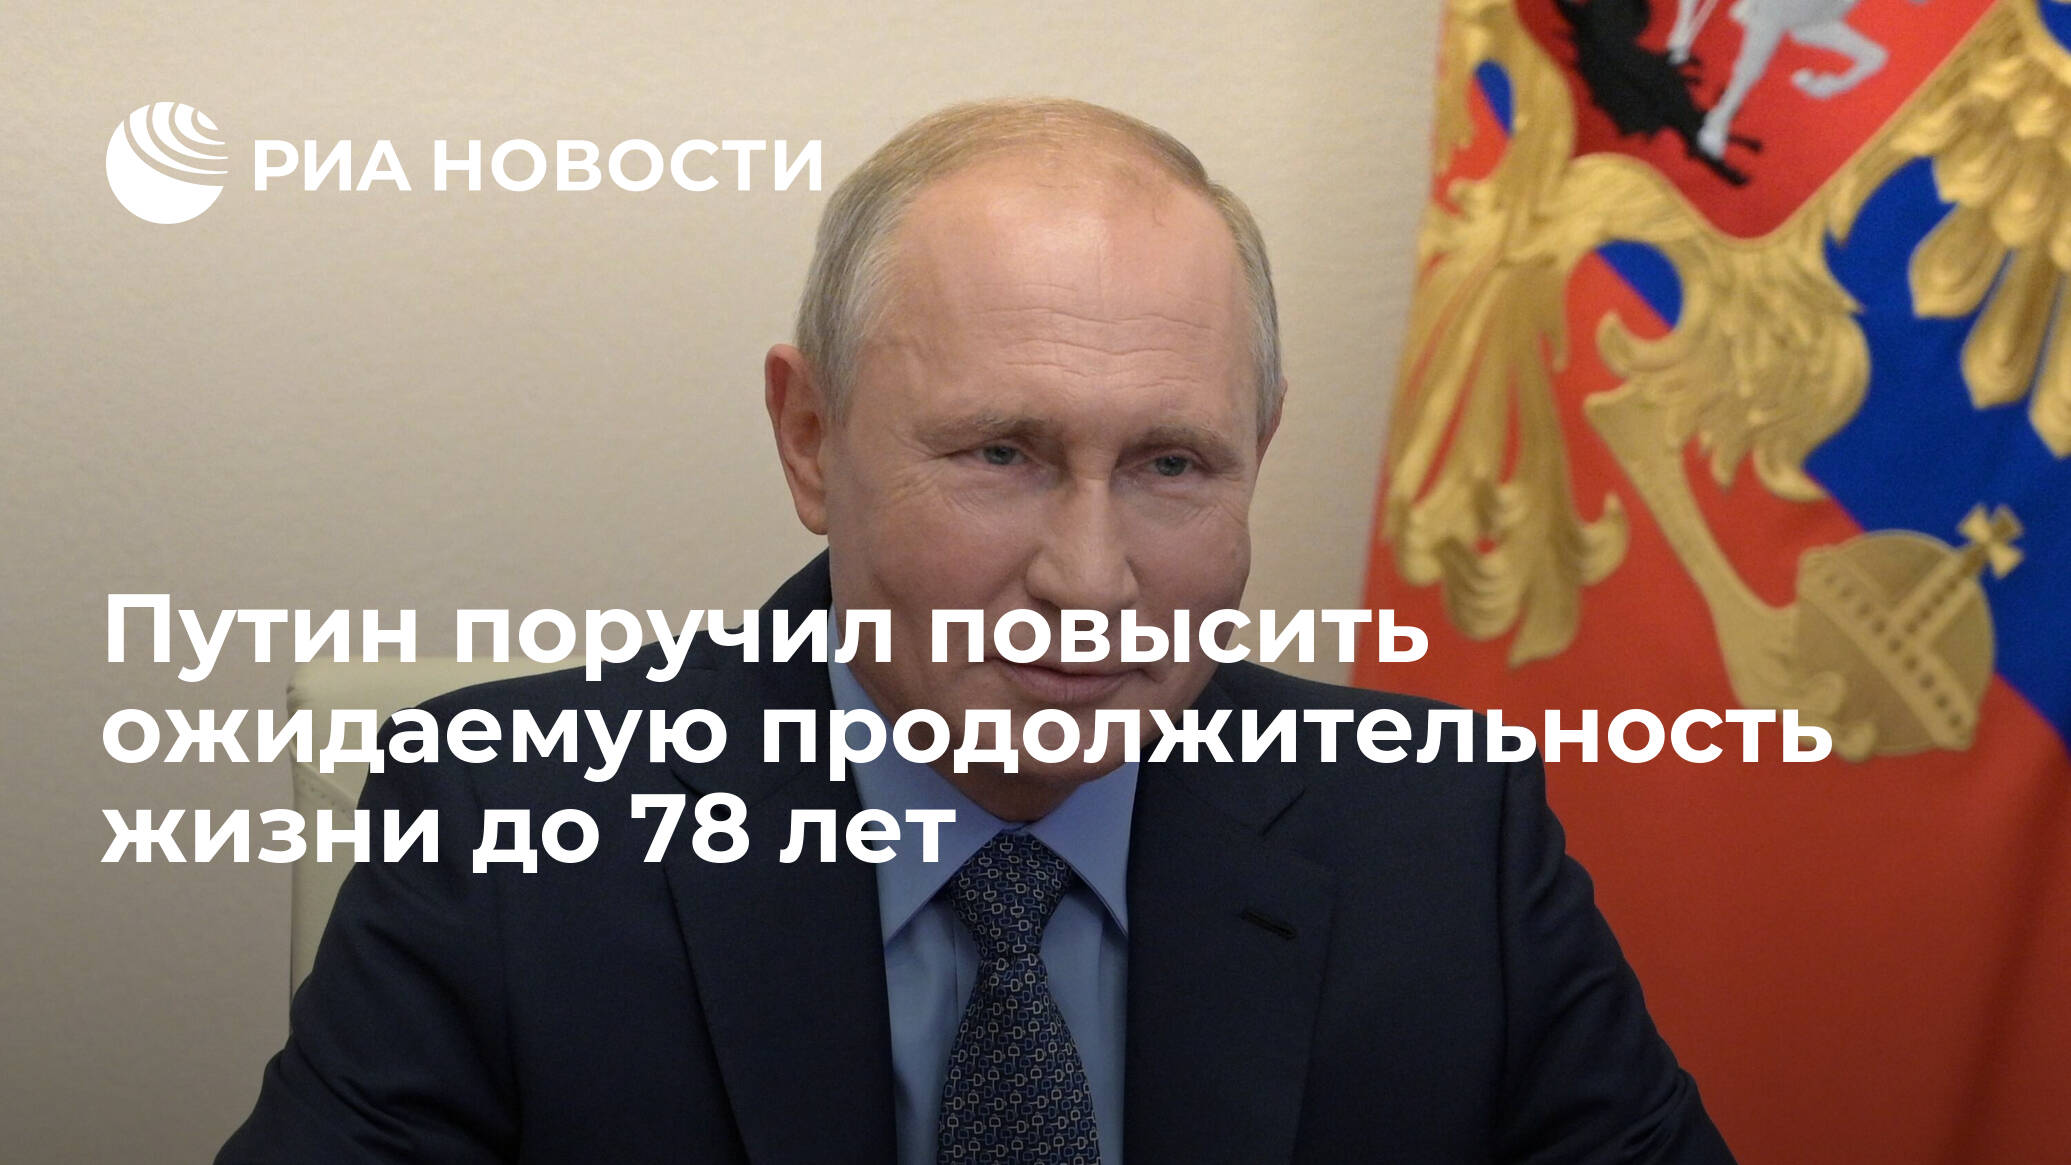 Путин поручил повысить ожидаемую продолжительность жизни до 78 лет